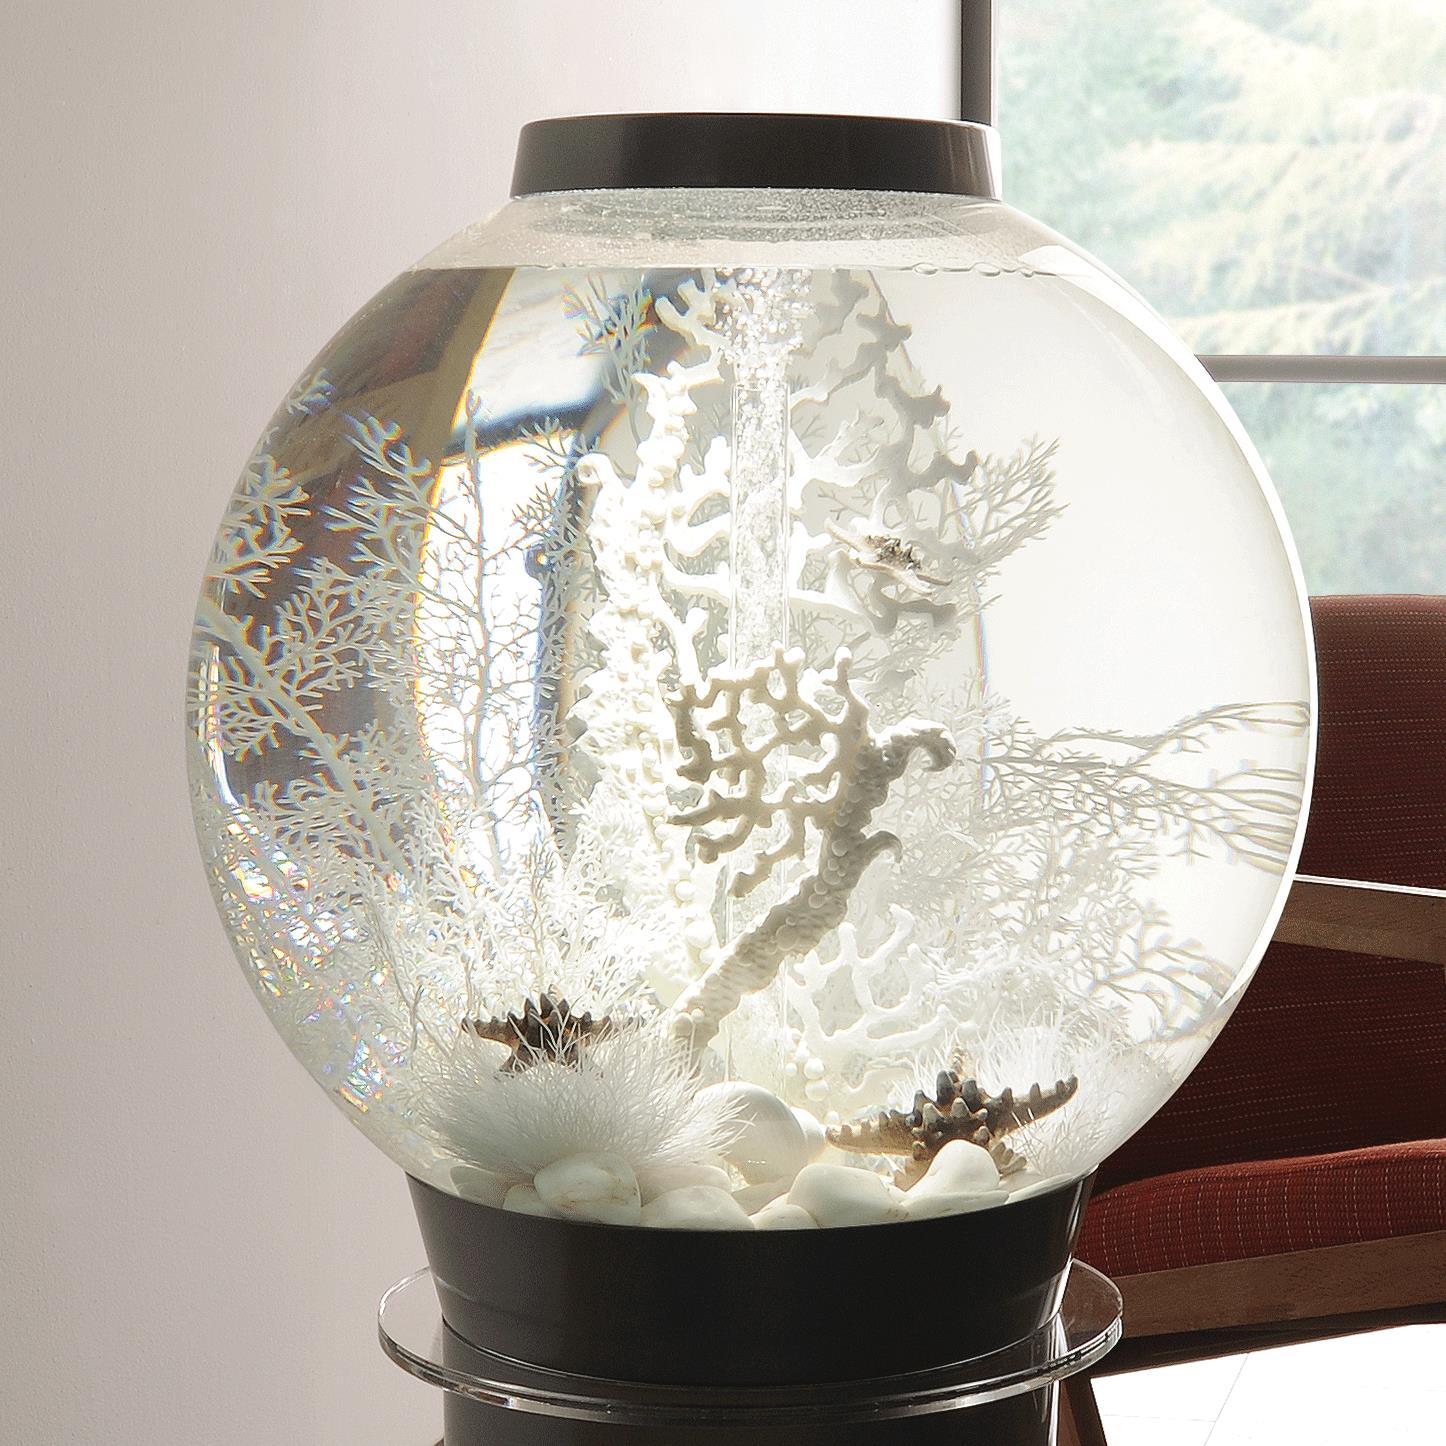 thumbnail 7 - BIORB CLASSIC AQUARIUM ACRYLIC FISH TANK COMPLETE SETUP LED LIGHTING FILTER UNIT